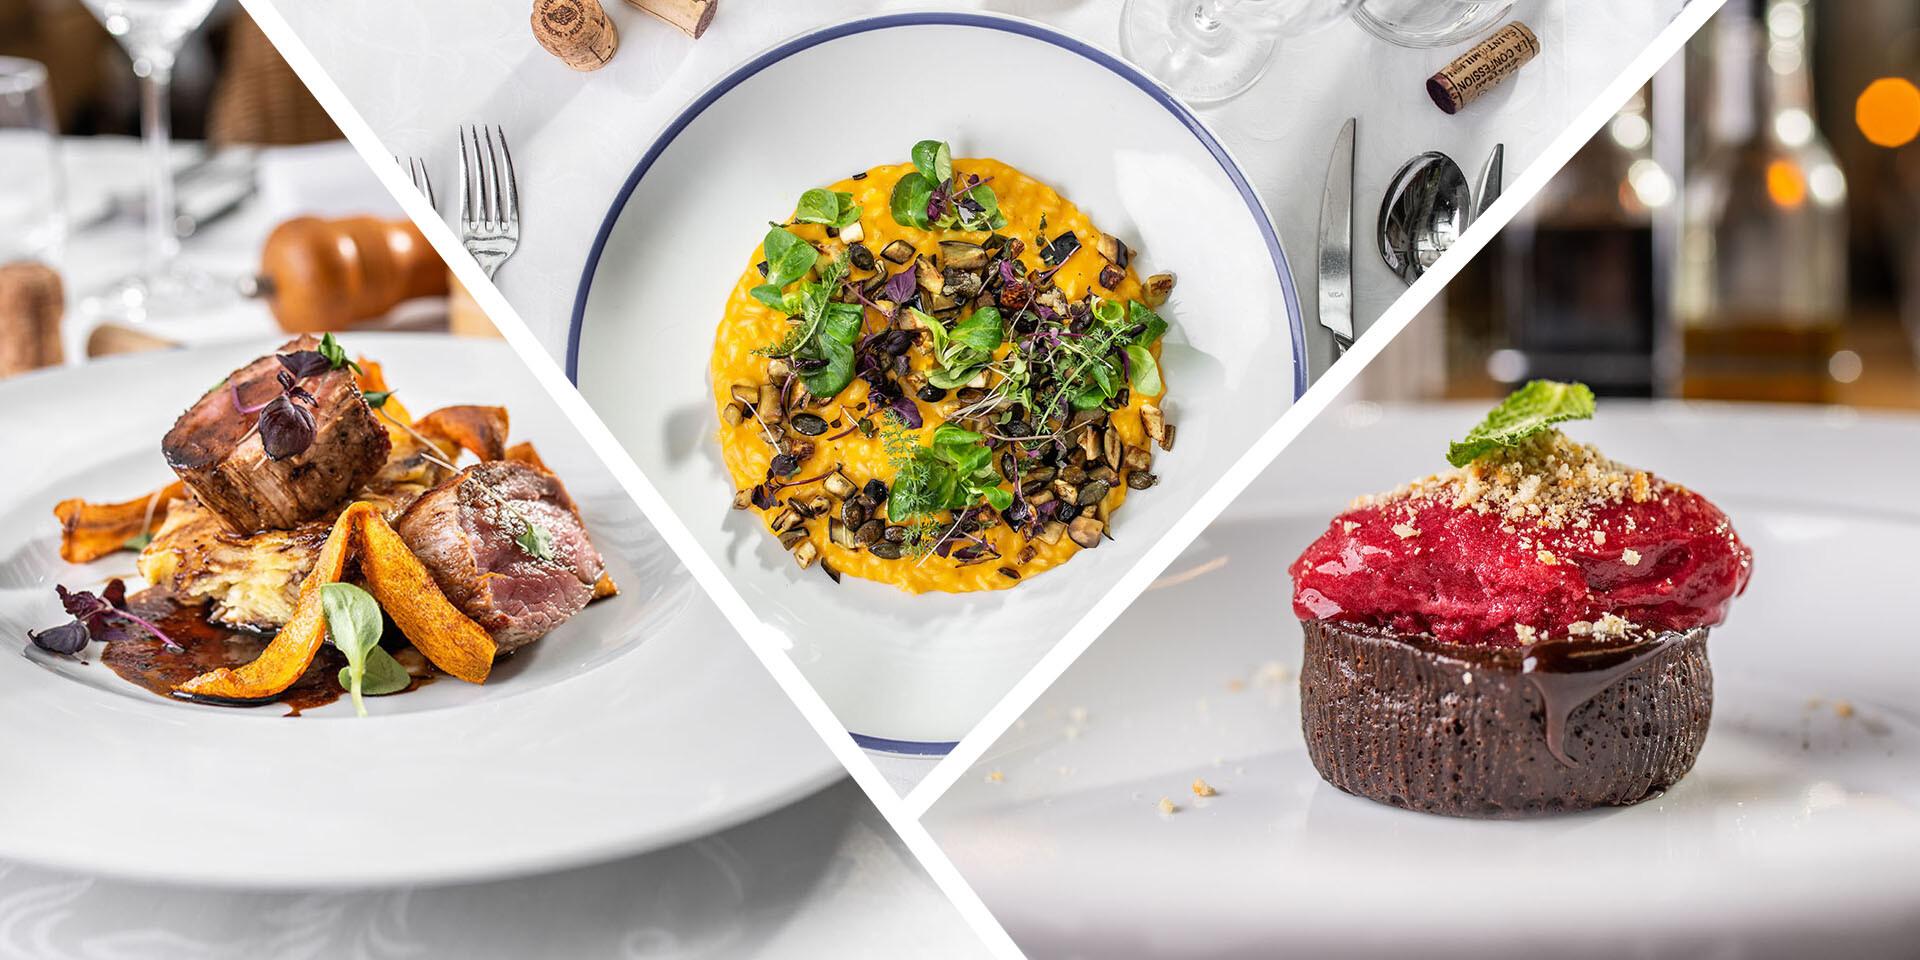 Obľúbené 3-chodové darčekové menu pre dvoch v TOP reštauráciách Bratislavy – Au Café, Portofino, Leberfinger